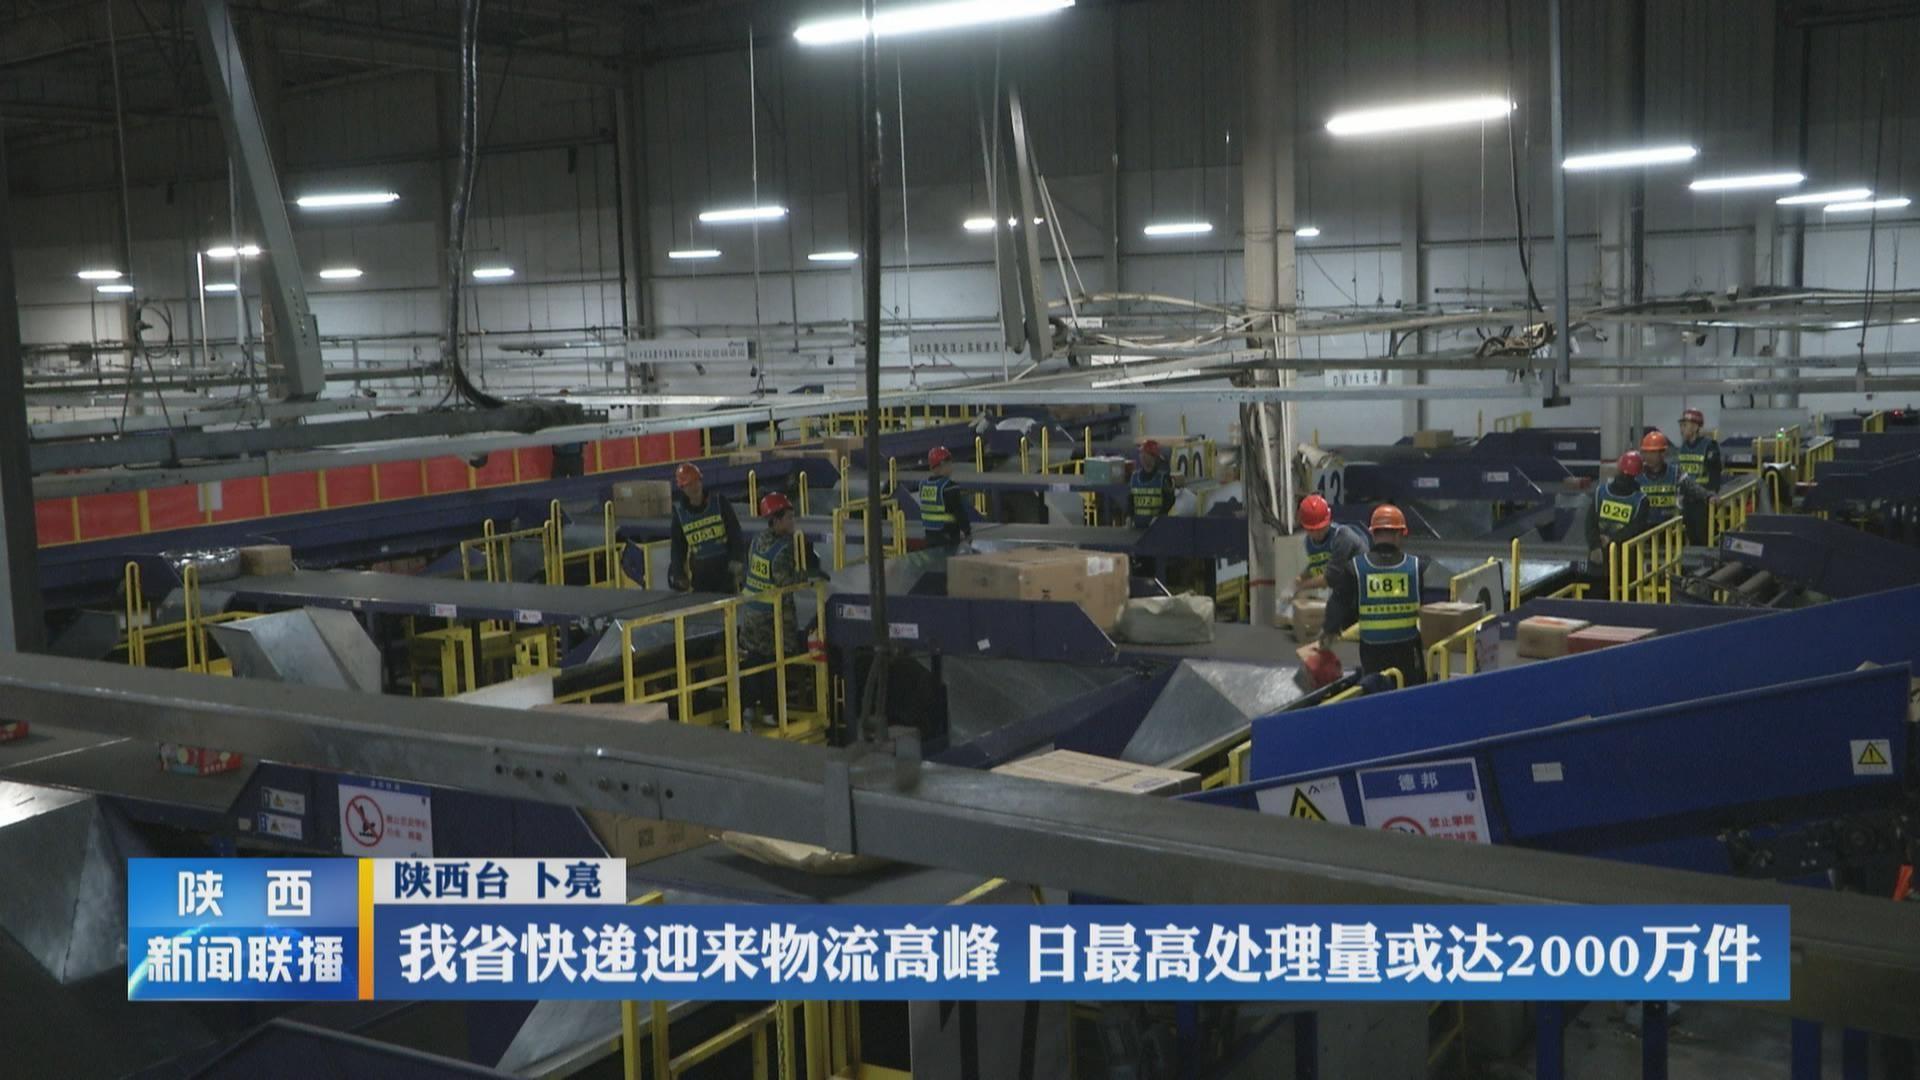 陕西省快递迎来物流高峰 日最高处理量或达2000万件